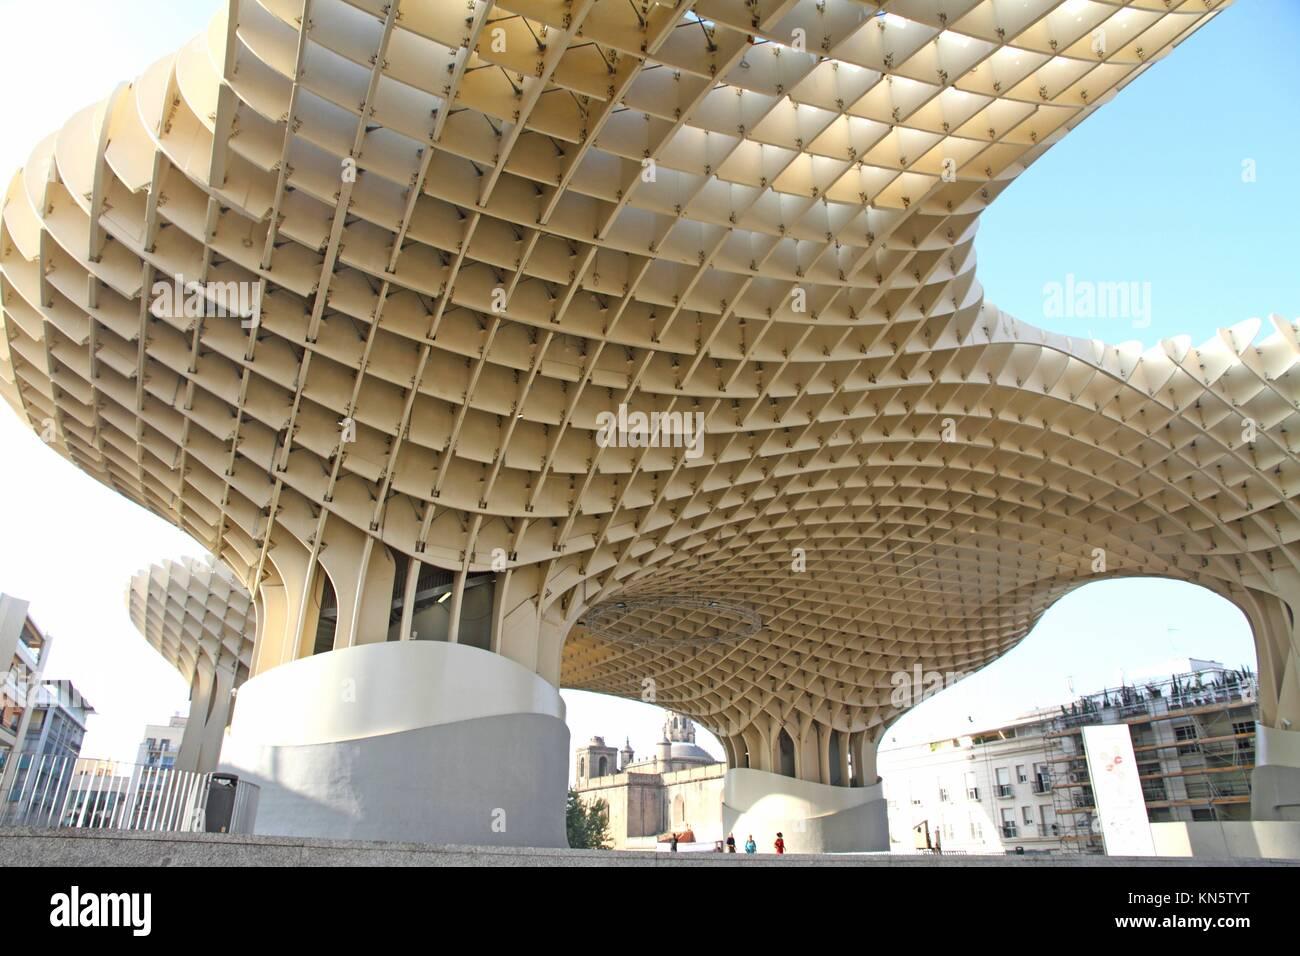 The Metropol Parasol in Seville, Spain, by Jurgen Mayer H Stock ...